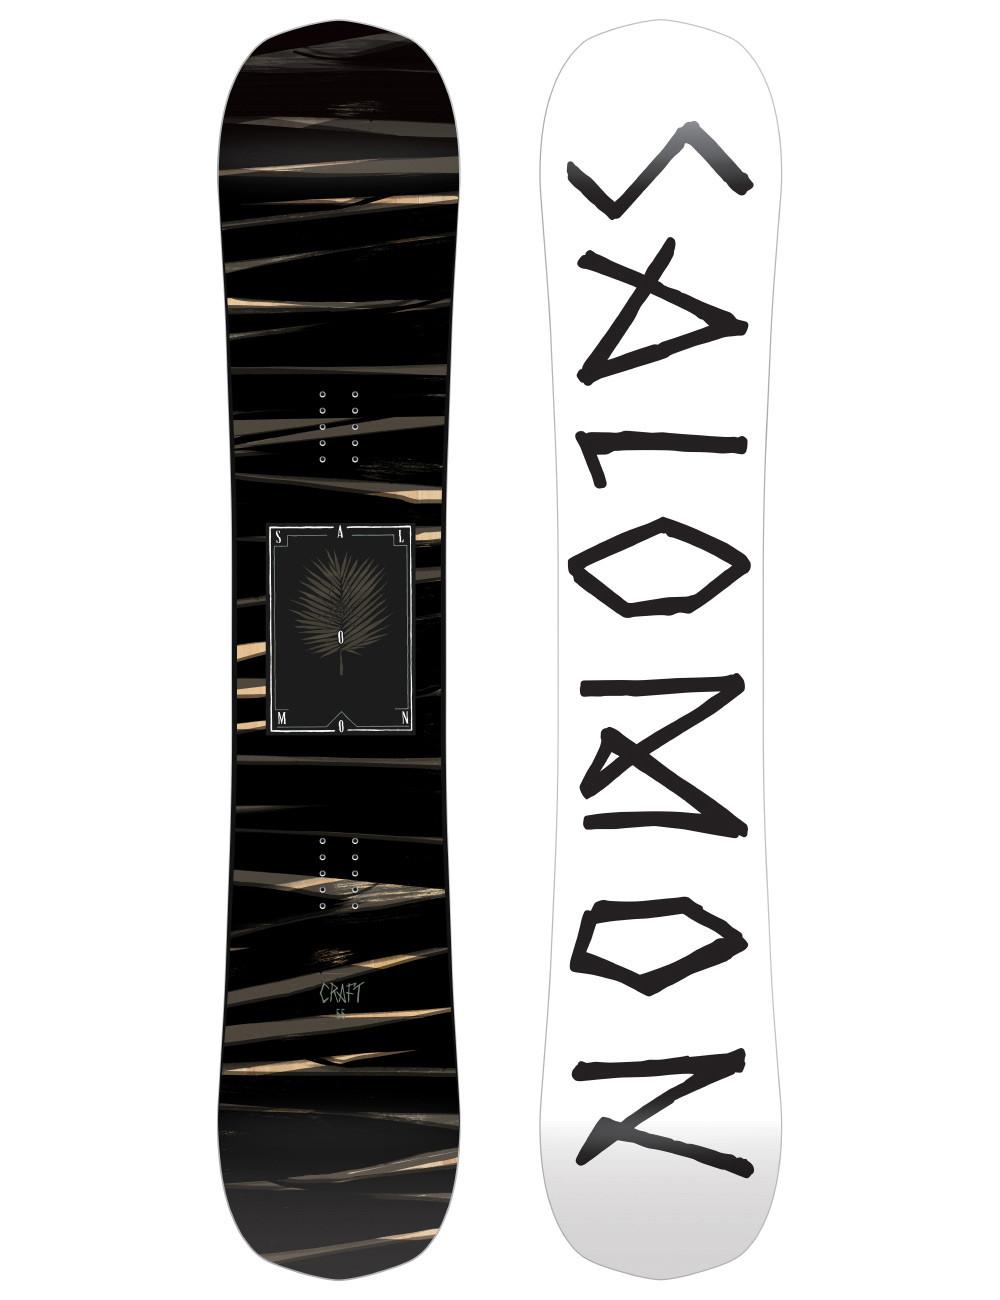 Deska snowboardowa Salomon Craft, egzemplarz powystawowy